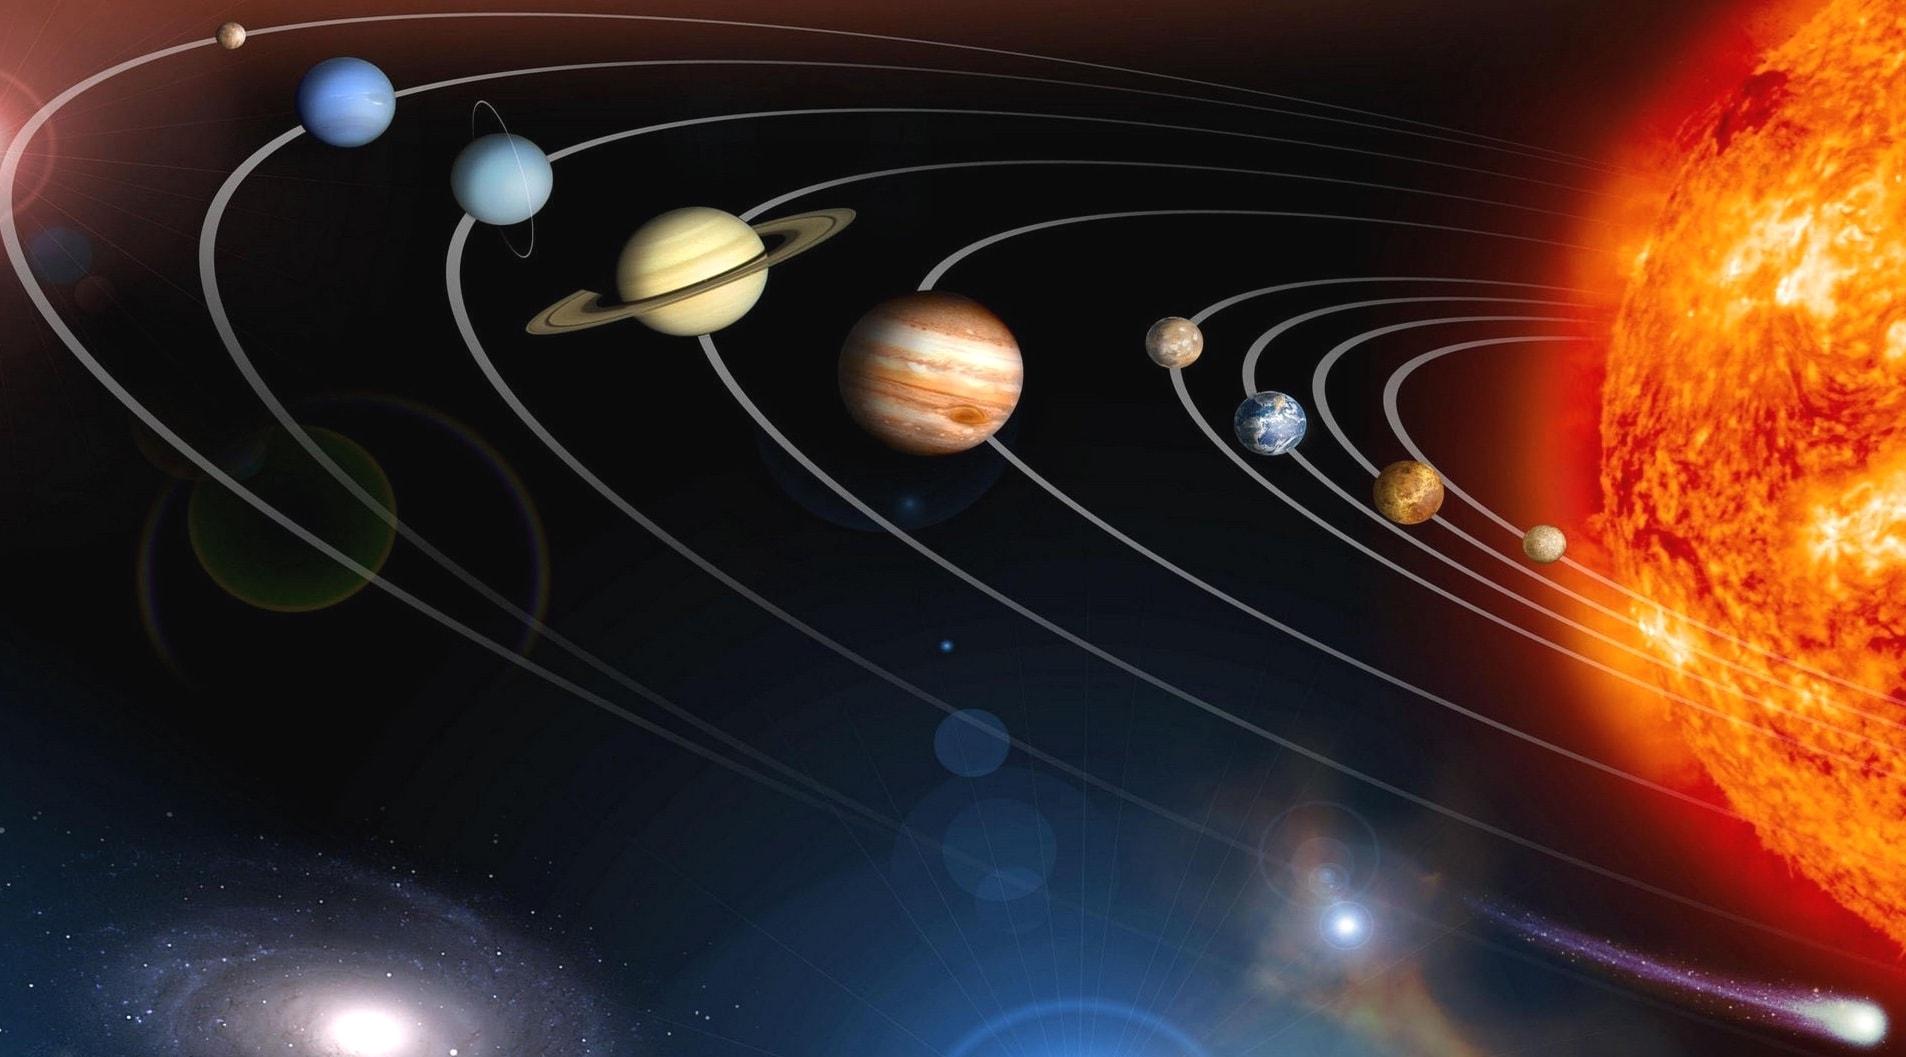 Солнечная система - что это такое, состав, планеты по порядку, строение, фото и видео  - «как и почему»